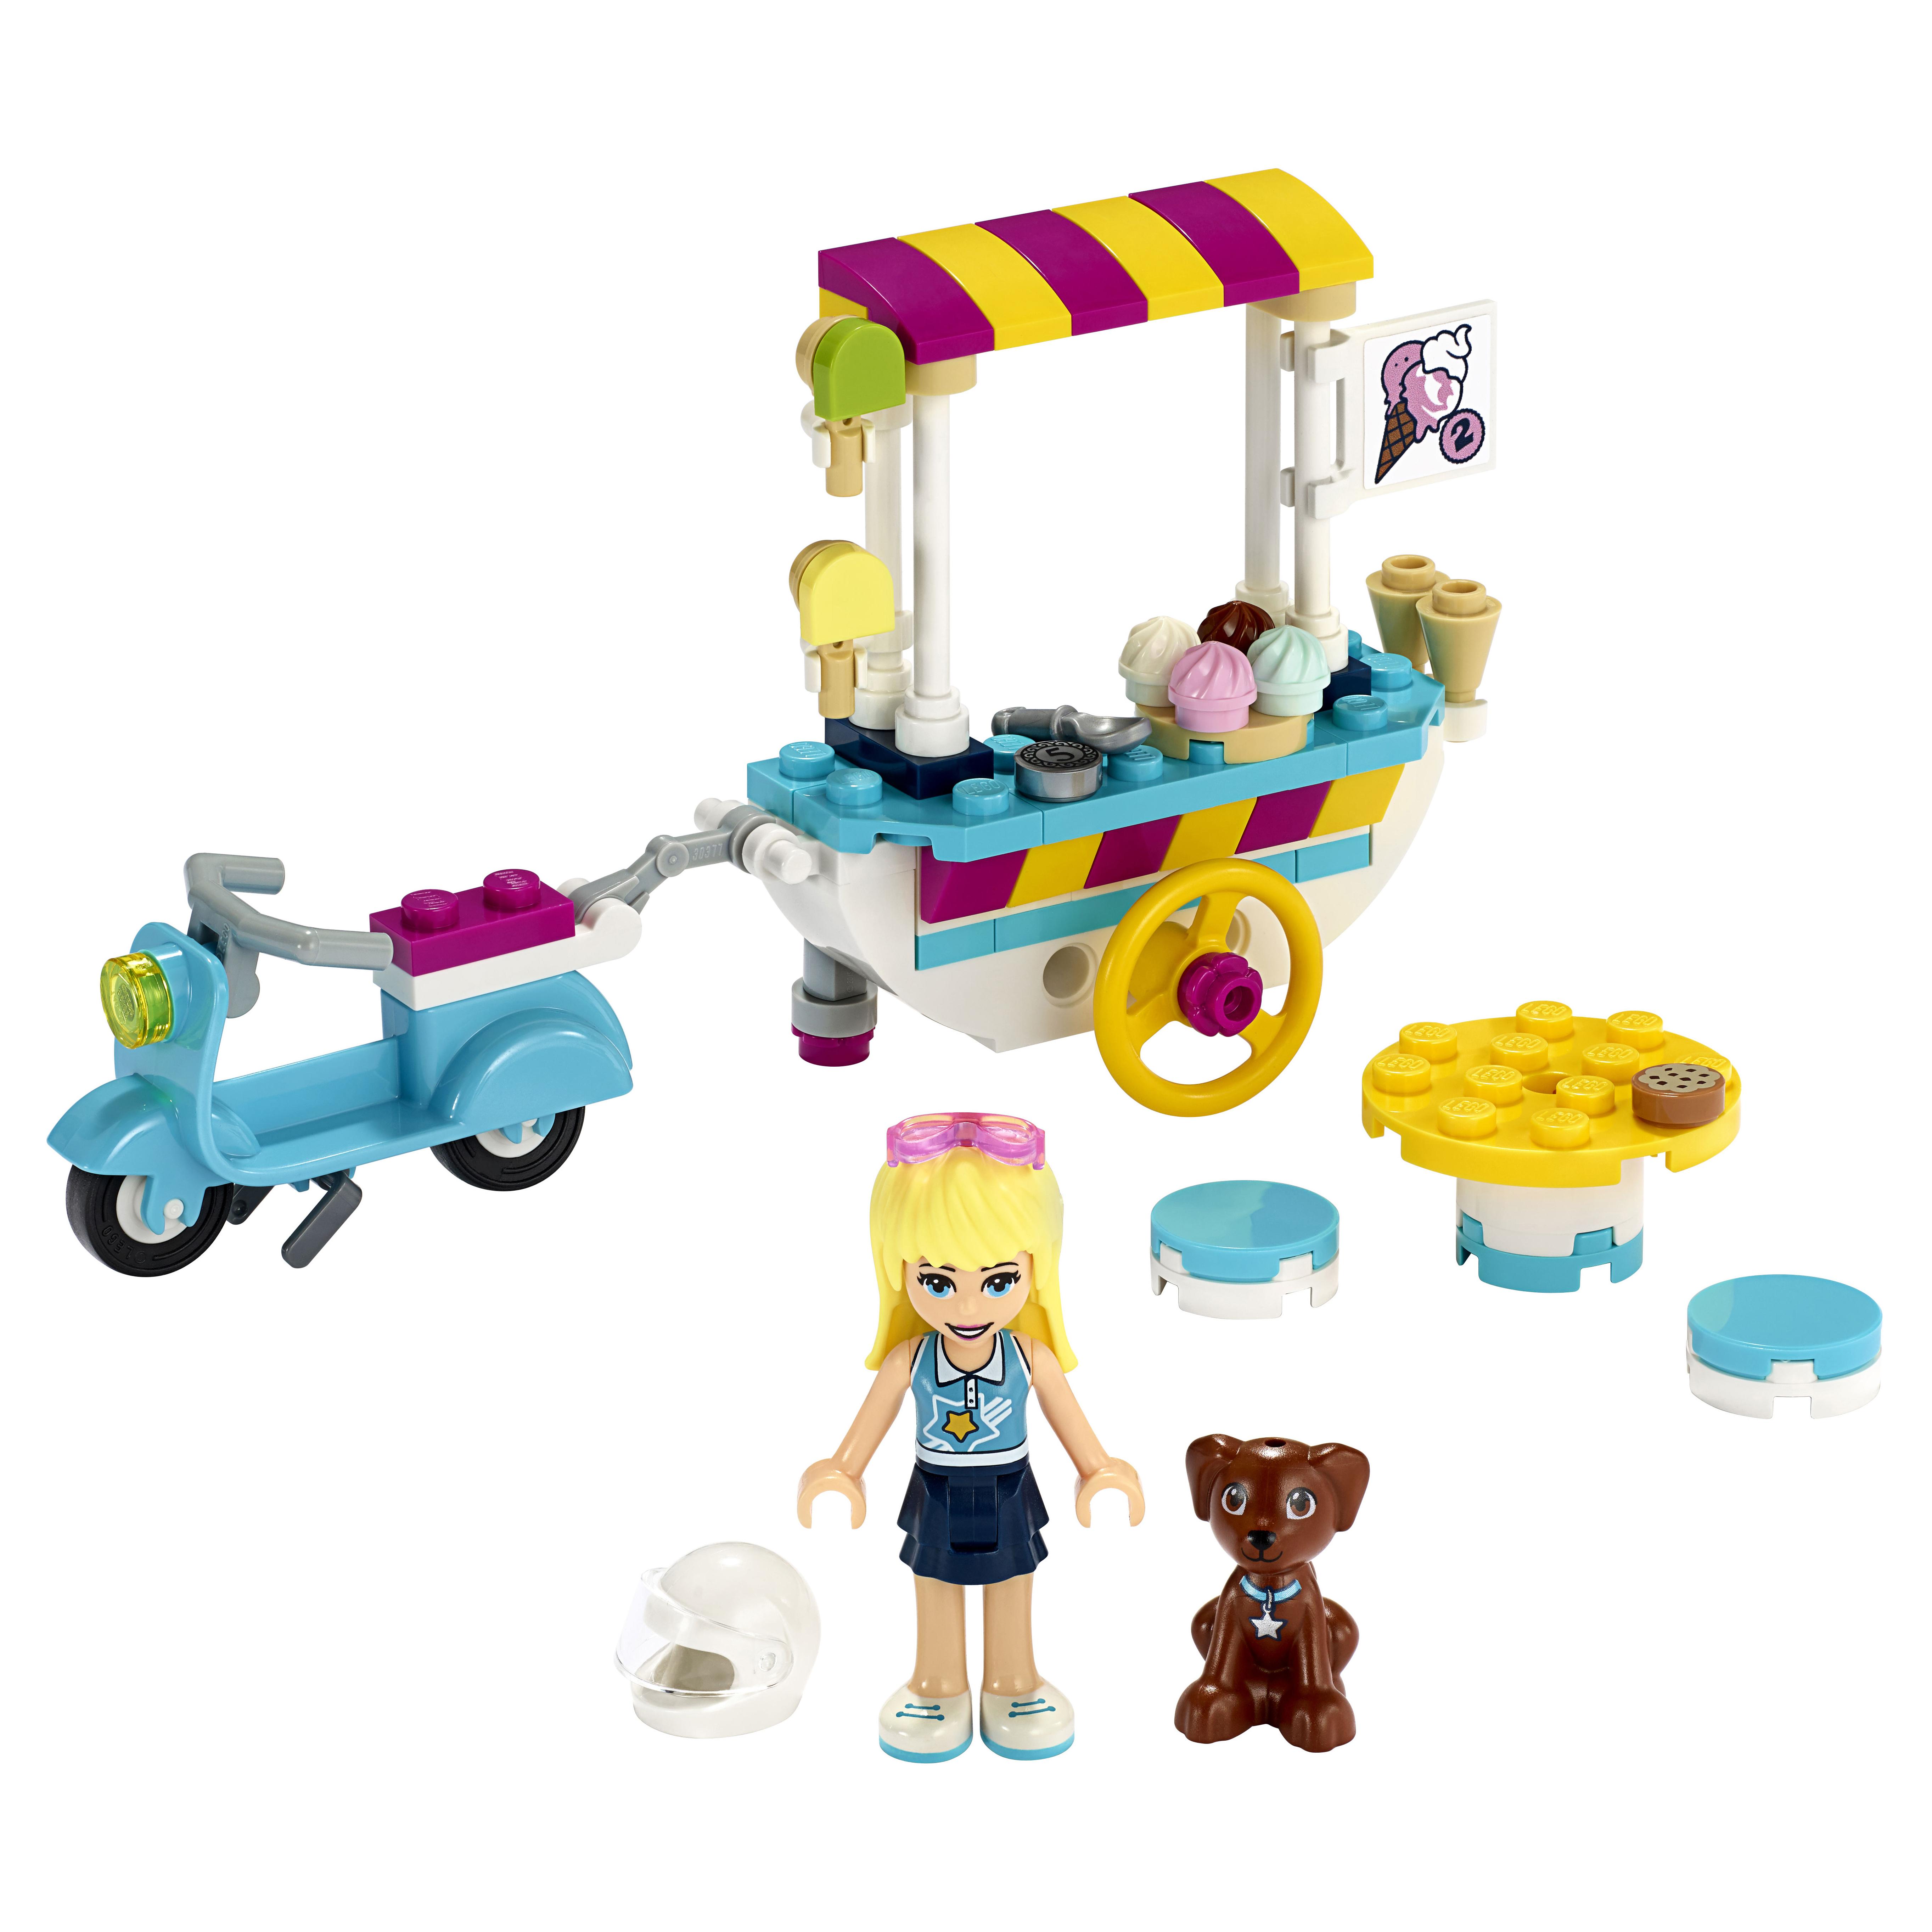 Конструктор LEGO Friends 41389 Тележка с мороженым фото